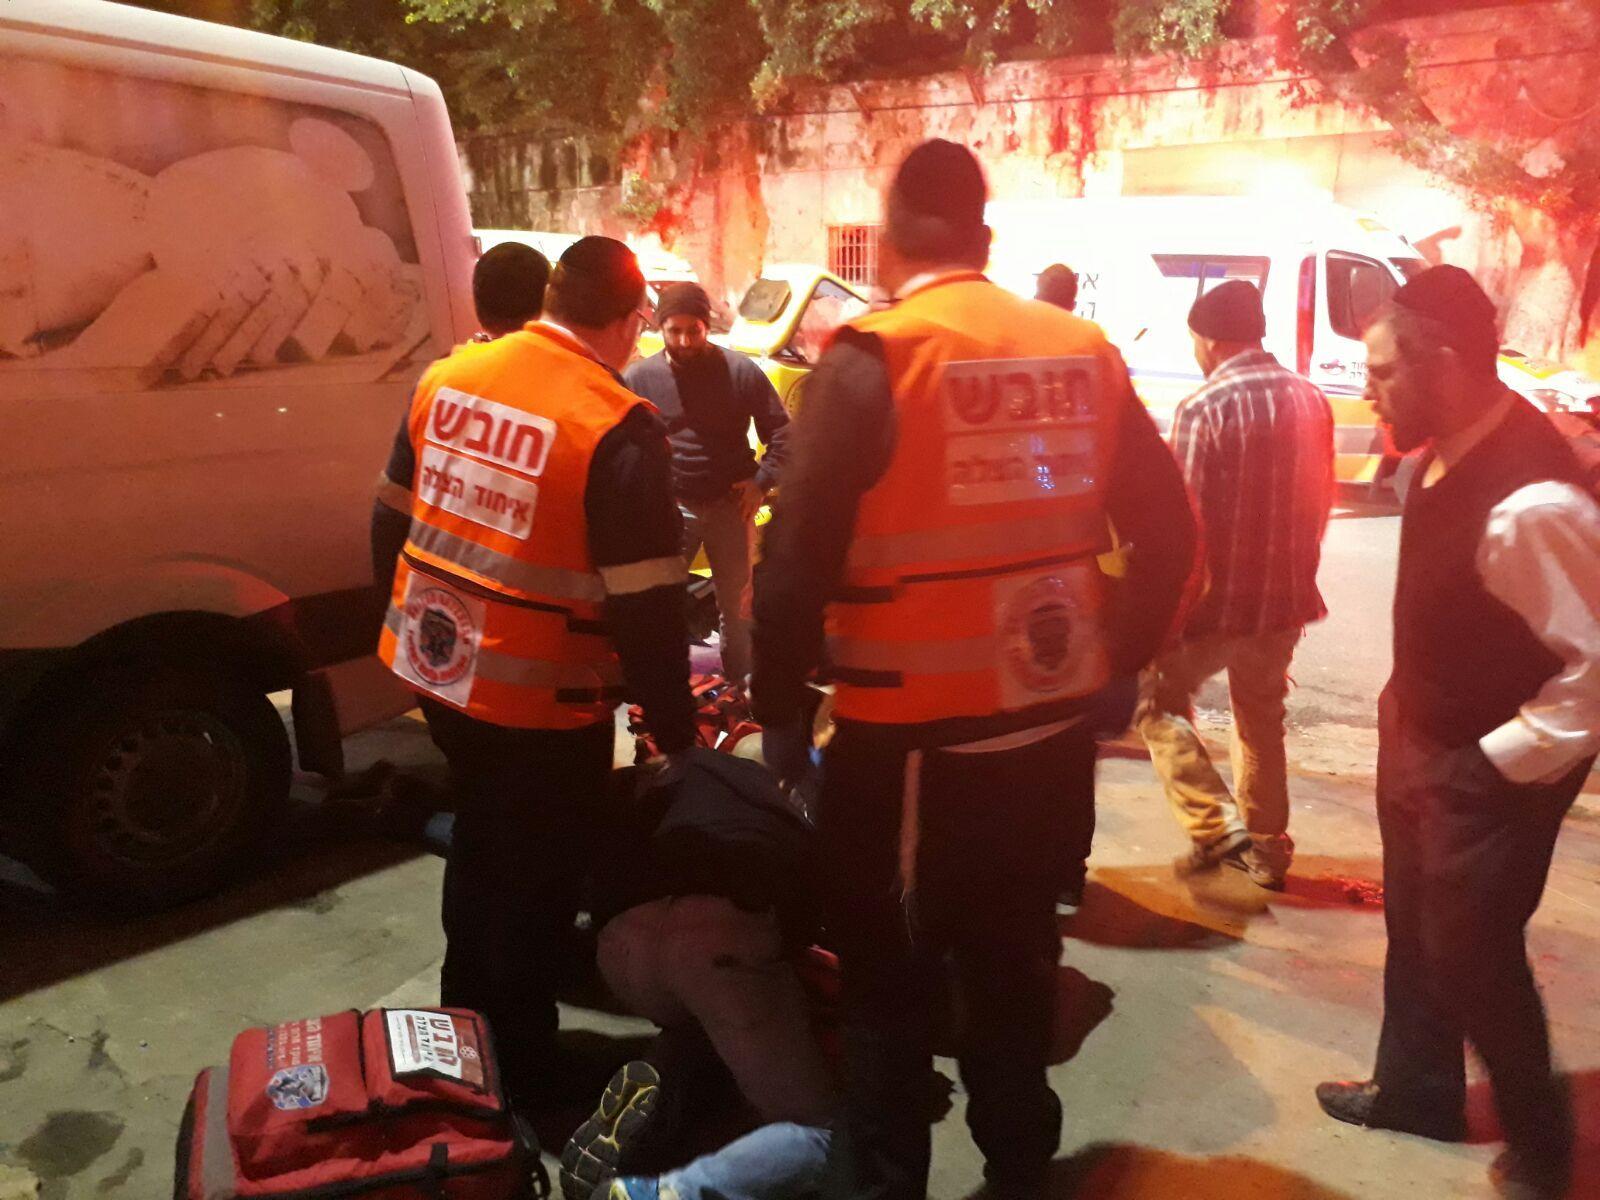 Неве-Шаанан: на улице обнаружен мужчина в бессознательном состоянии